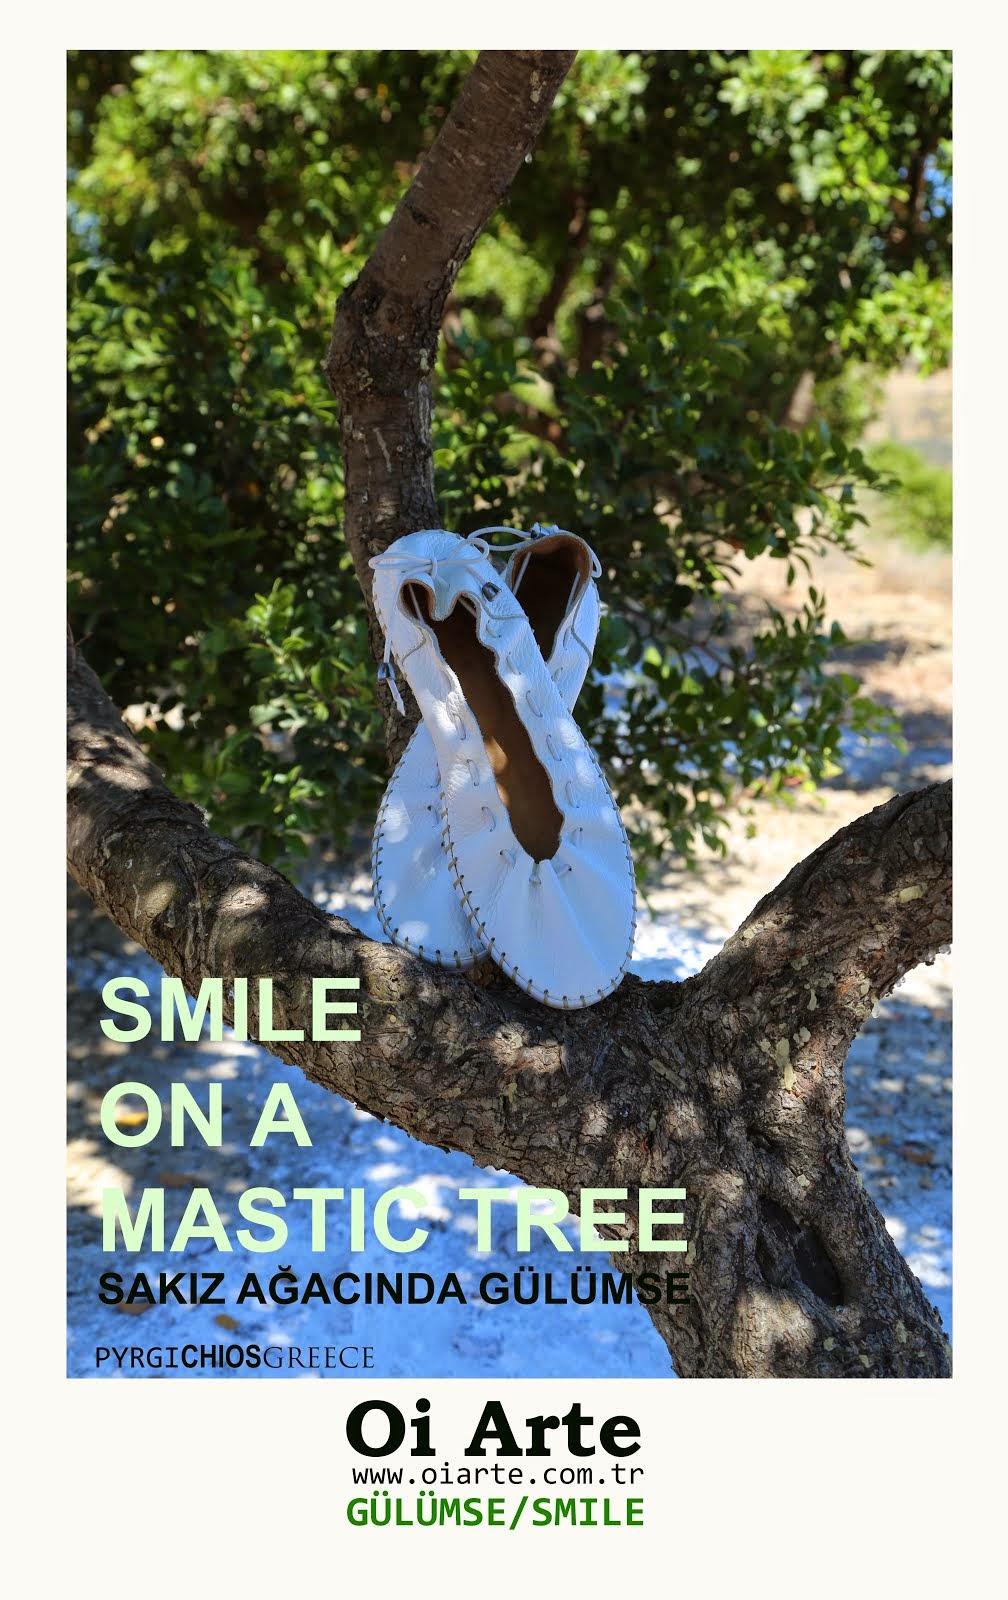 Sakız Ağacında Gülümse